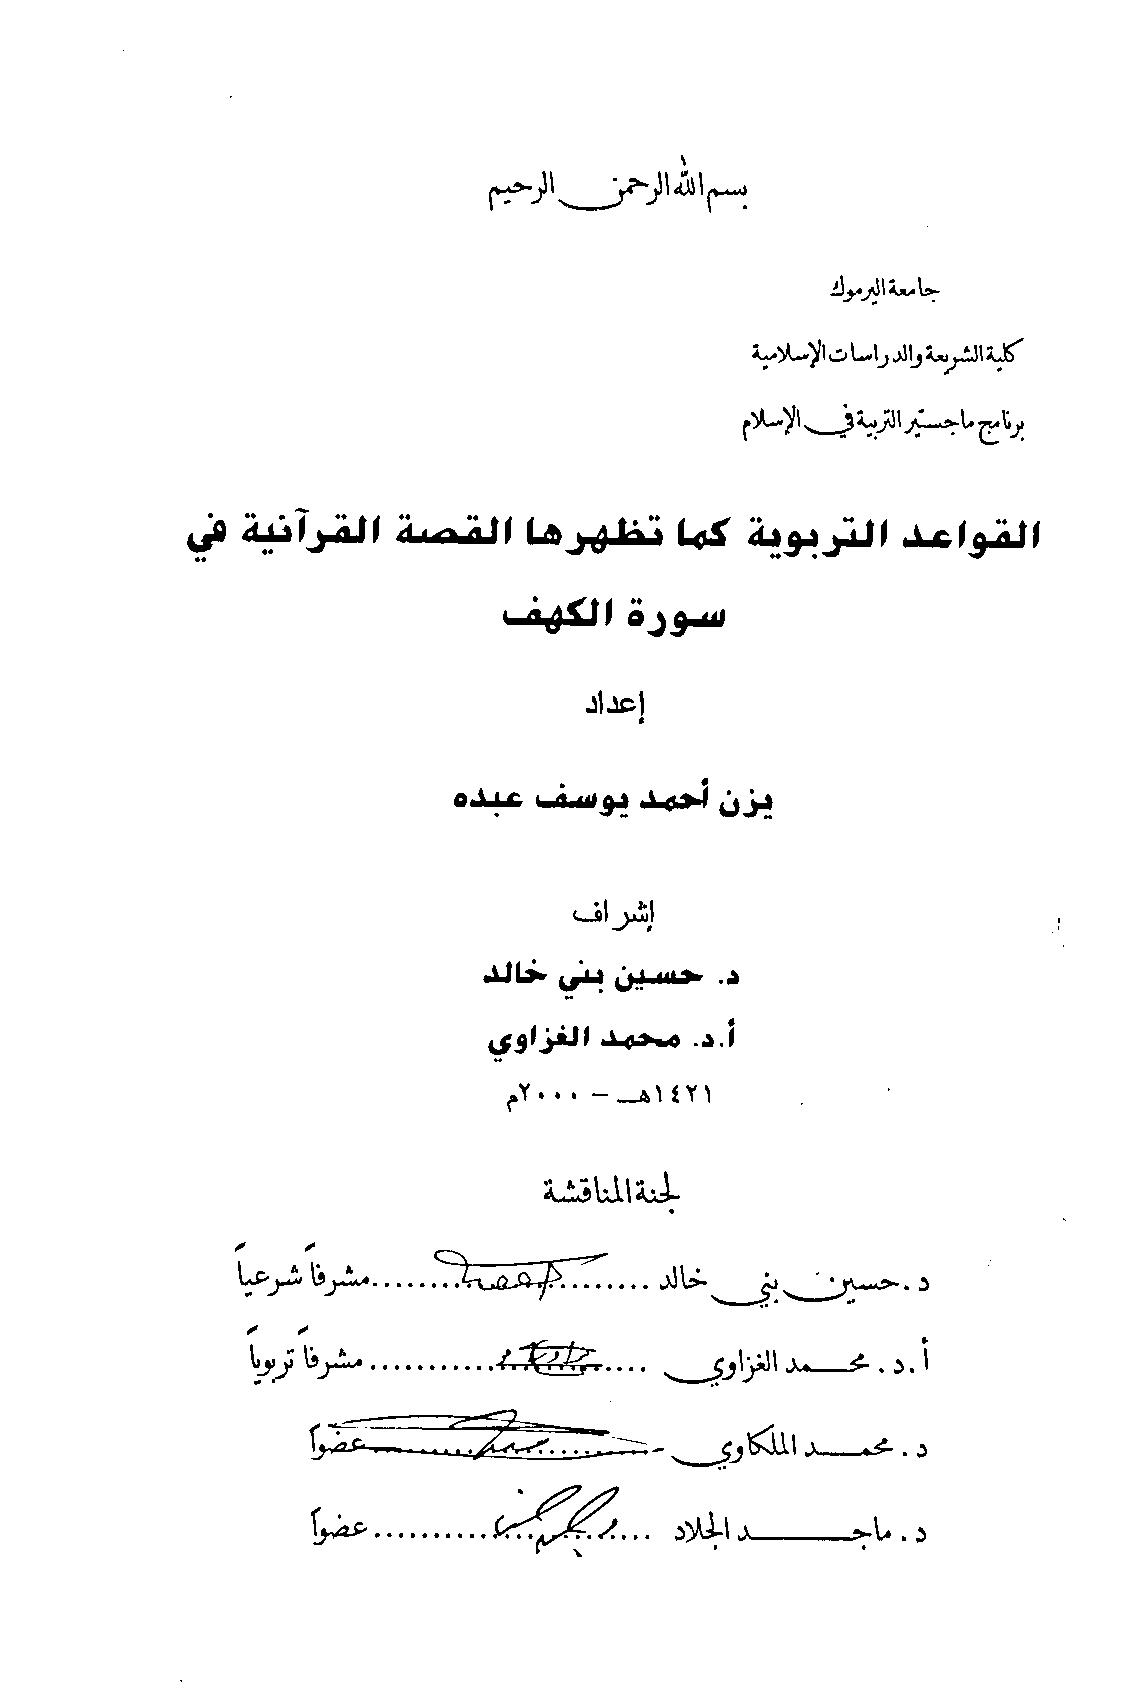 القواعد التربوية كما تظهرها القصة القرآنية في سورة الكهف - يزن أحمد يوسف  عبده | مركز تفسير للدراسات القرآنية